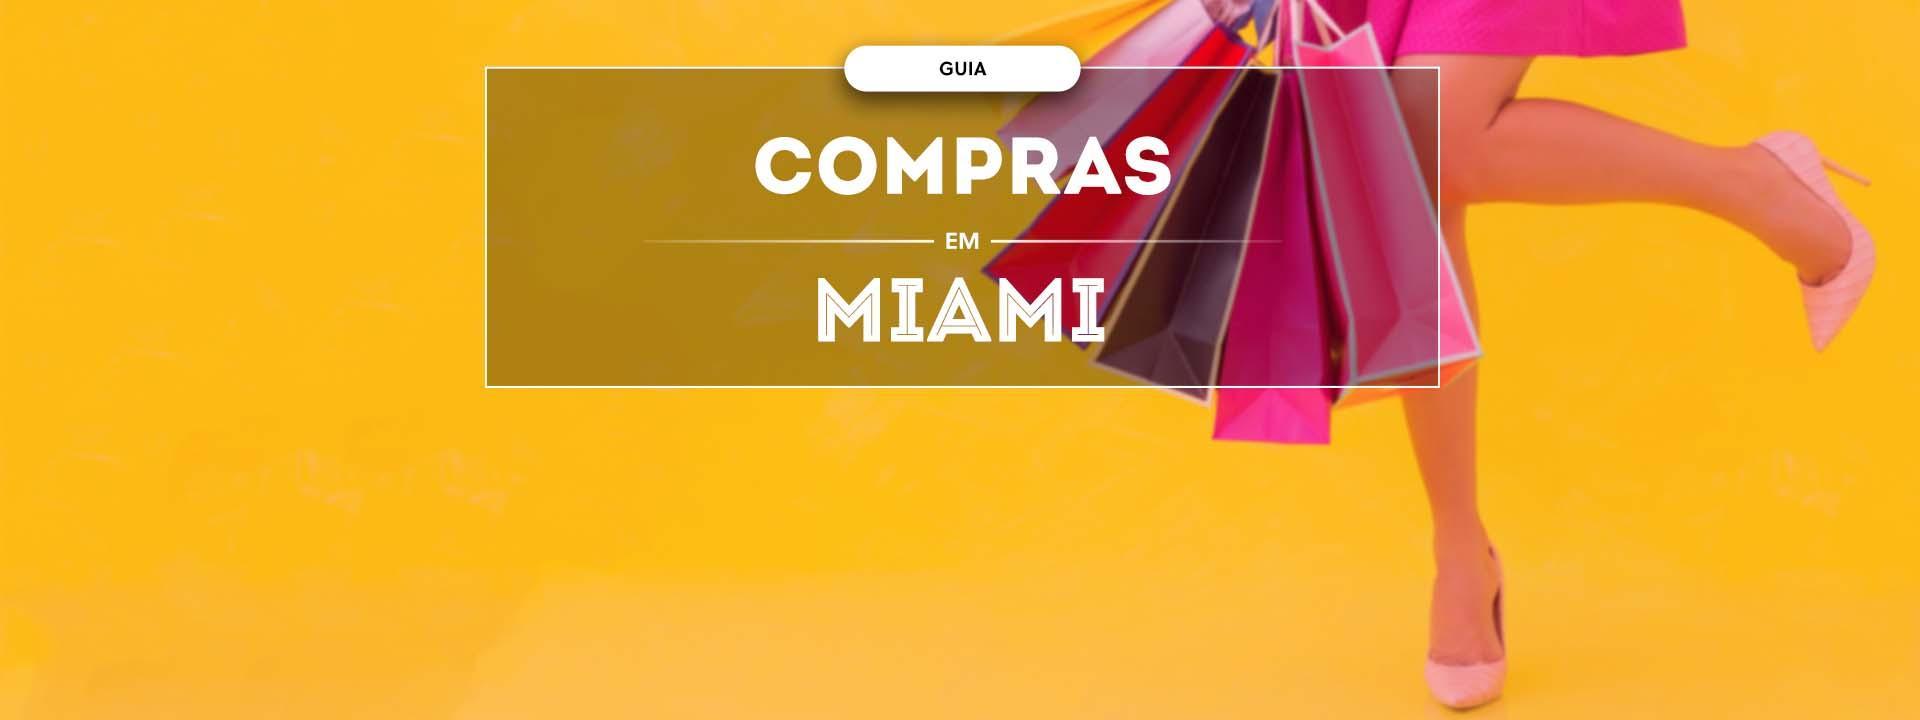 a3a9100678b Página Inicial › Dicas para Miami › Compras em Miami 2019 – Guia